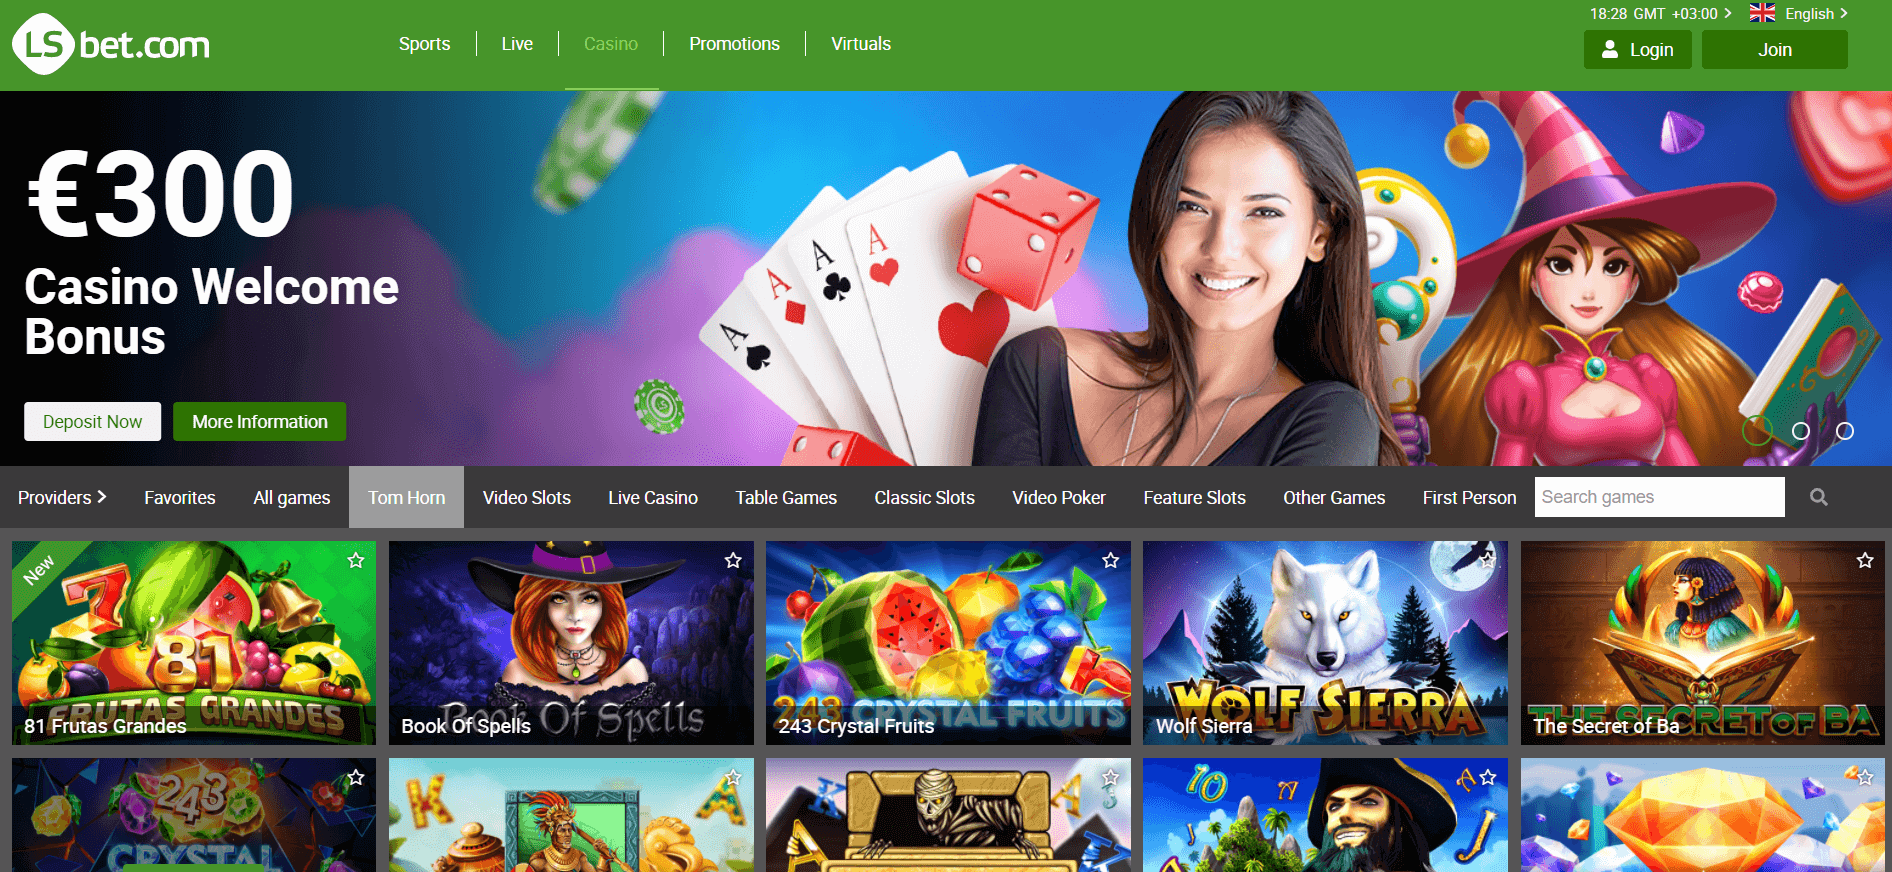 lsbet casino-komarbet.com